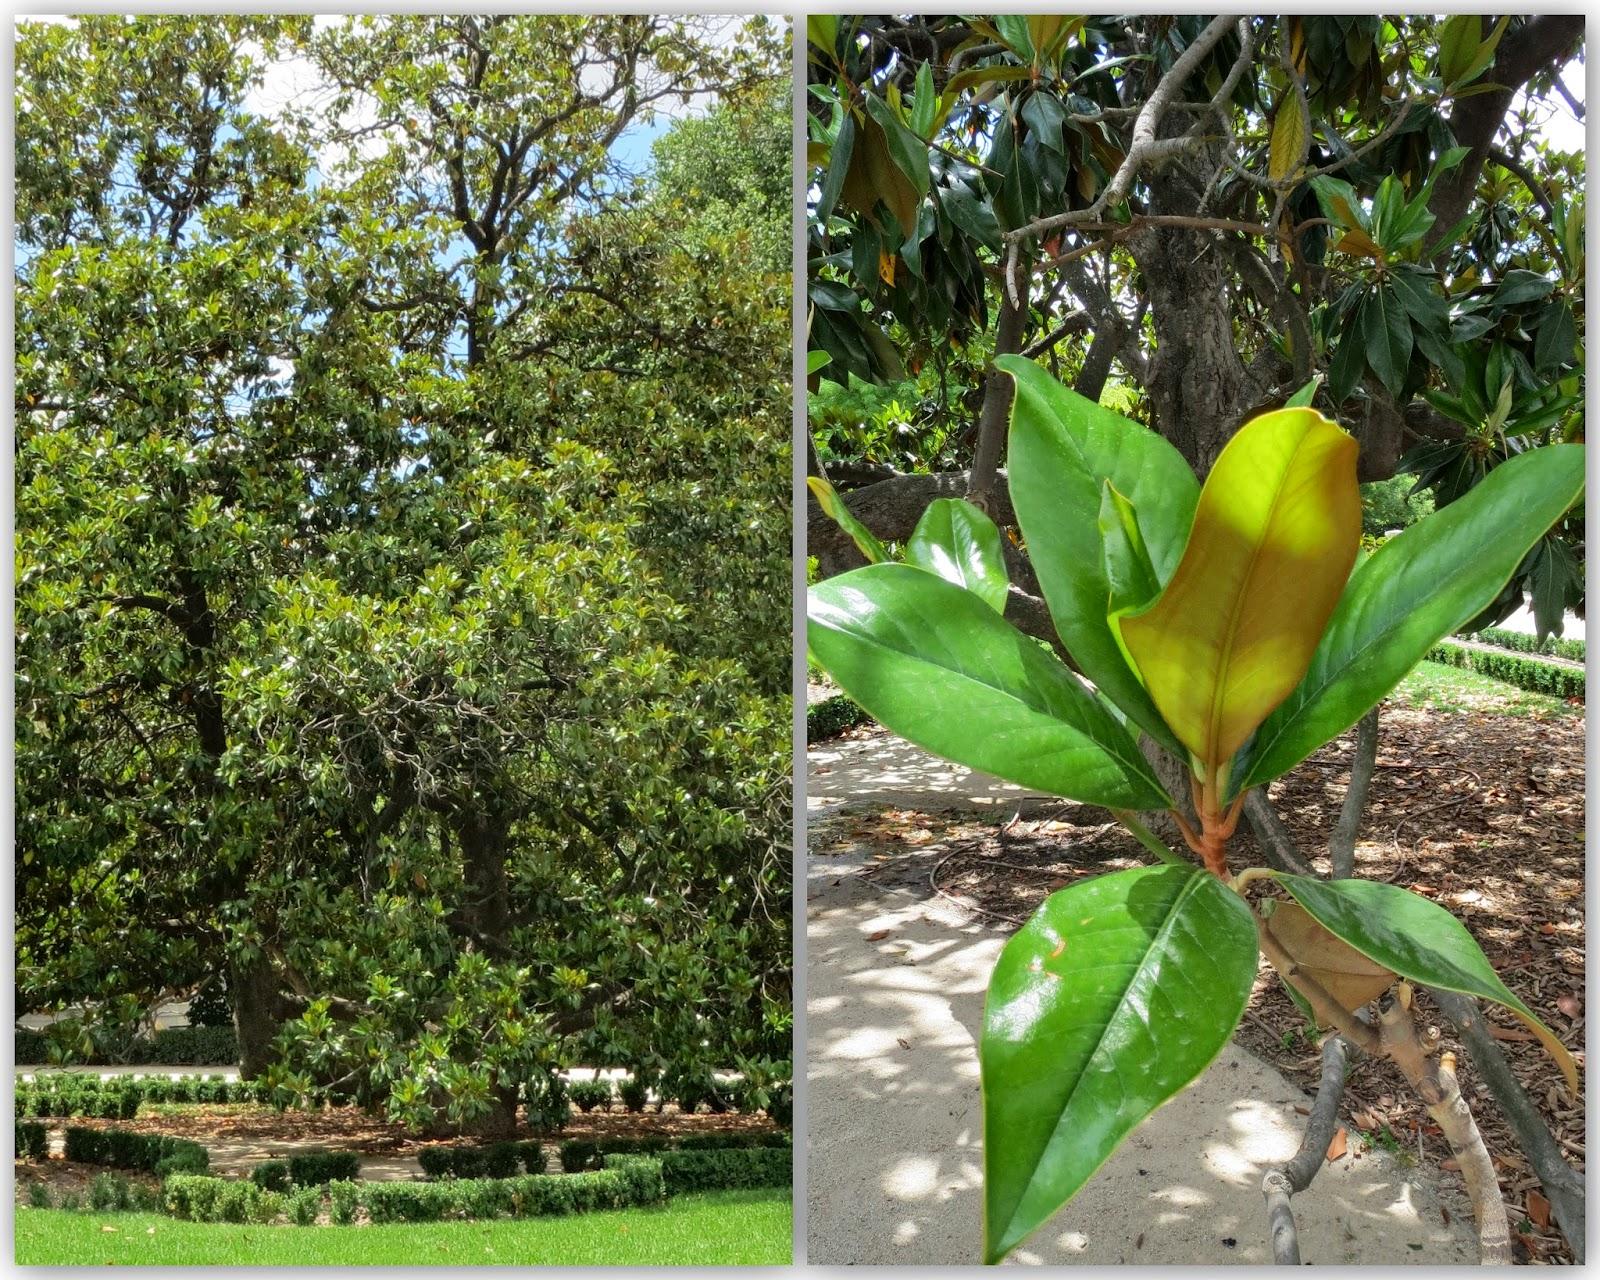 Parque del Retiro. Magnolio / Magnolia